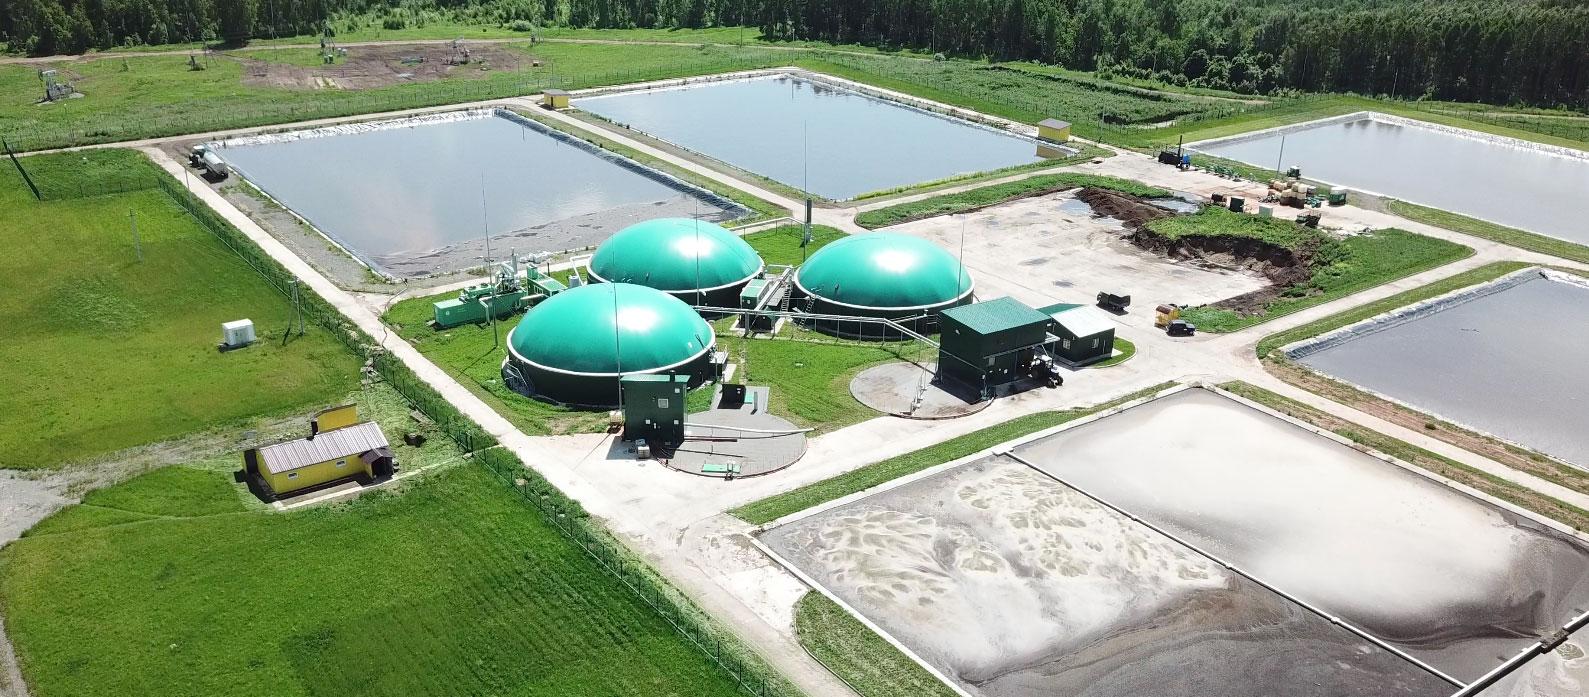 биогазовая станция для получения биогаза